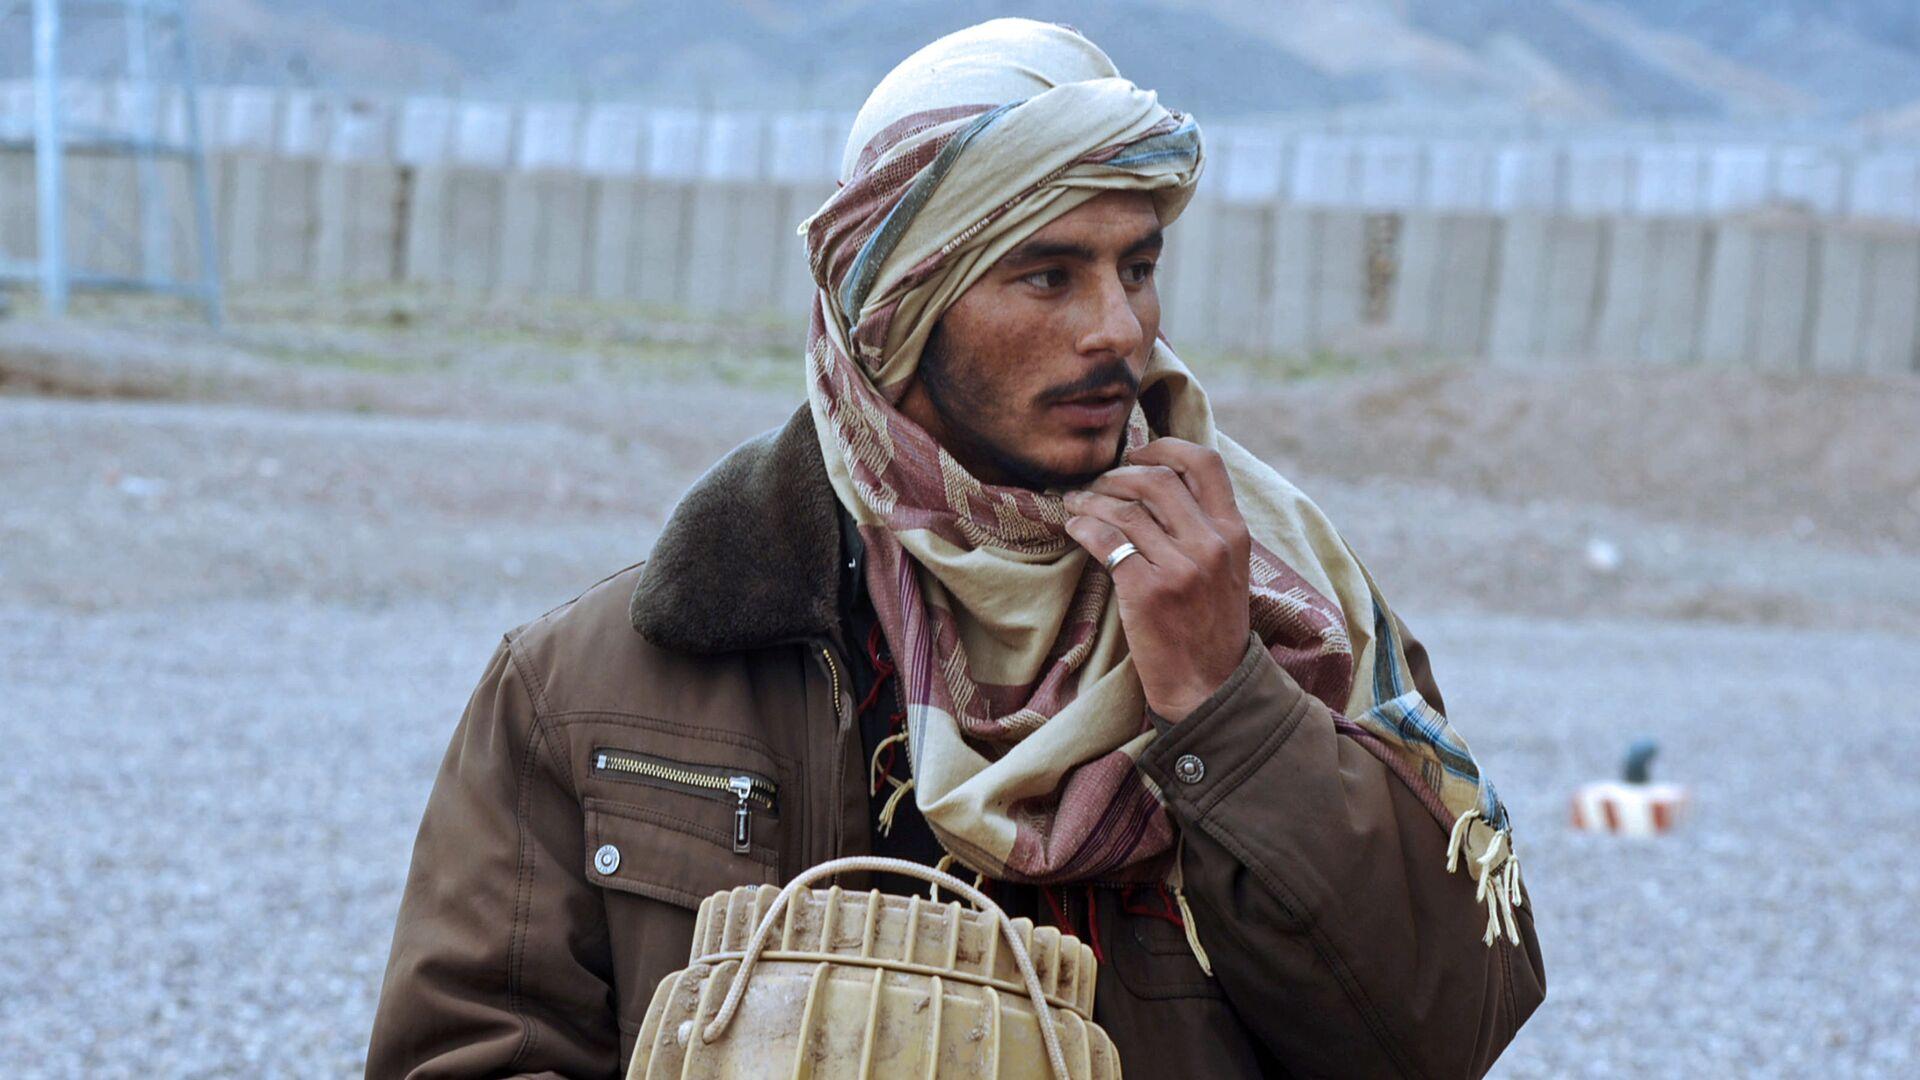 Бывший член движения Талибан с фугасом в руках. Архивное фото - Sputnik Тоҷикистон, 1920, 25.04.2021